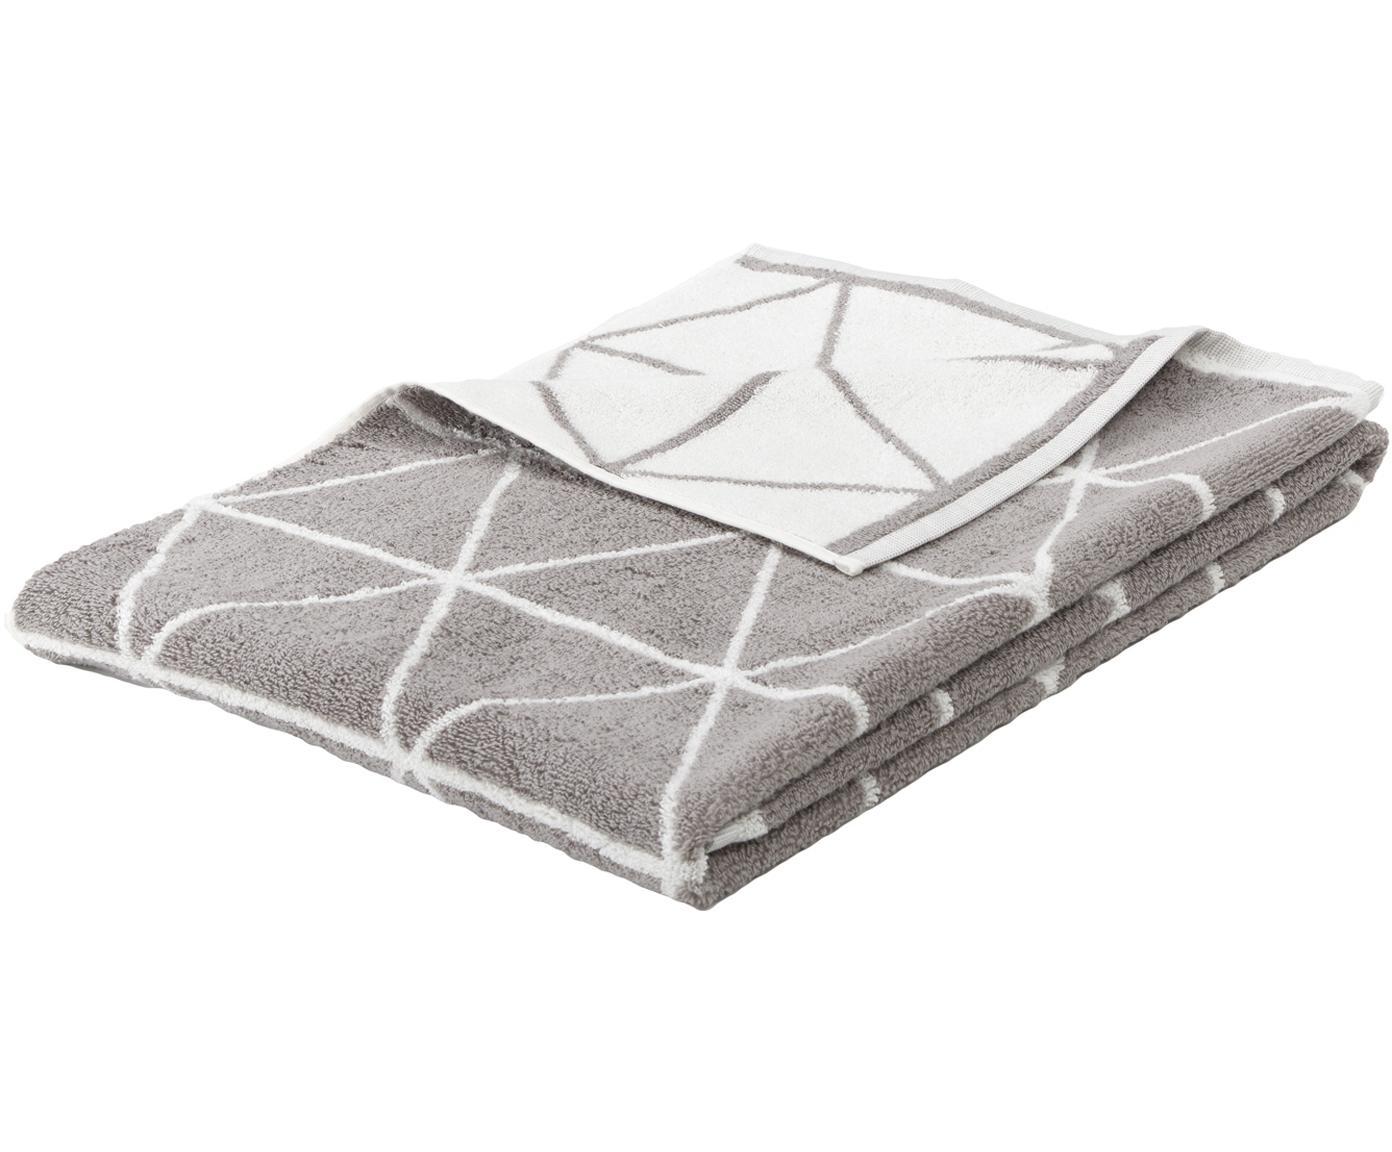 Dwustronny ręcznik Elina, Taupe, kremowobiały, Ręcznik do rąk